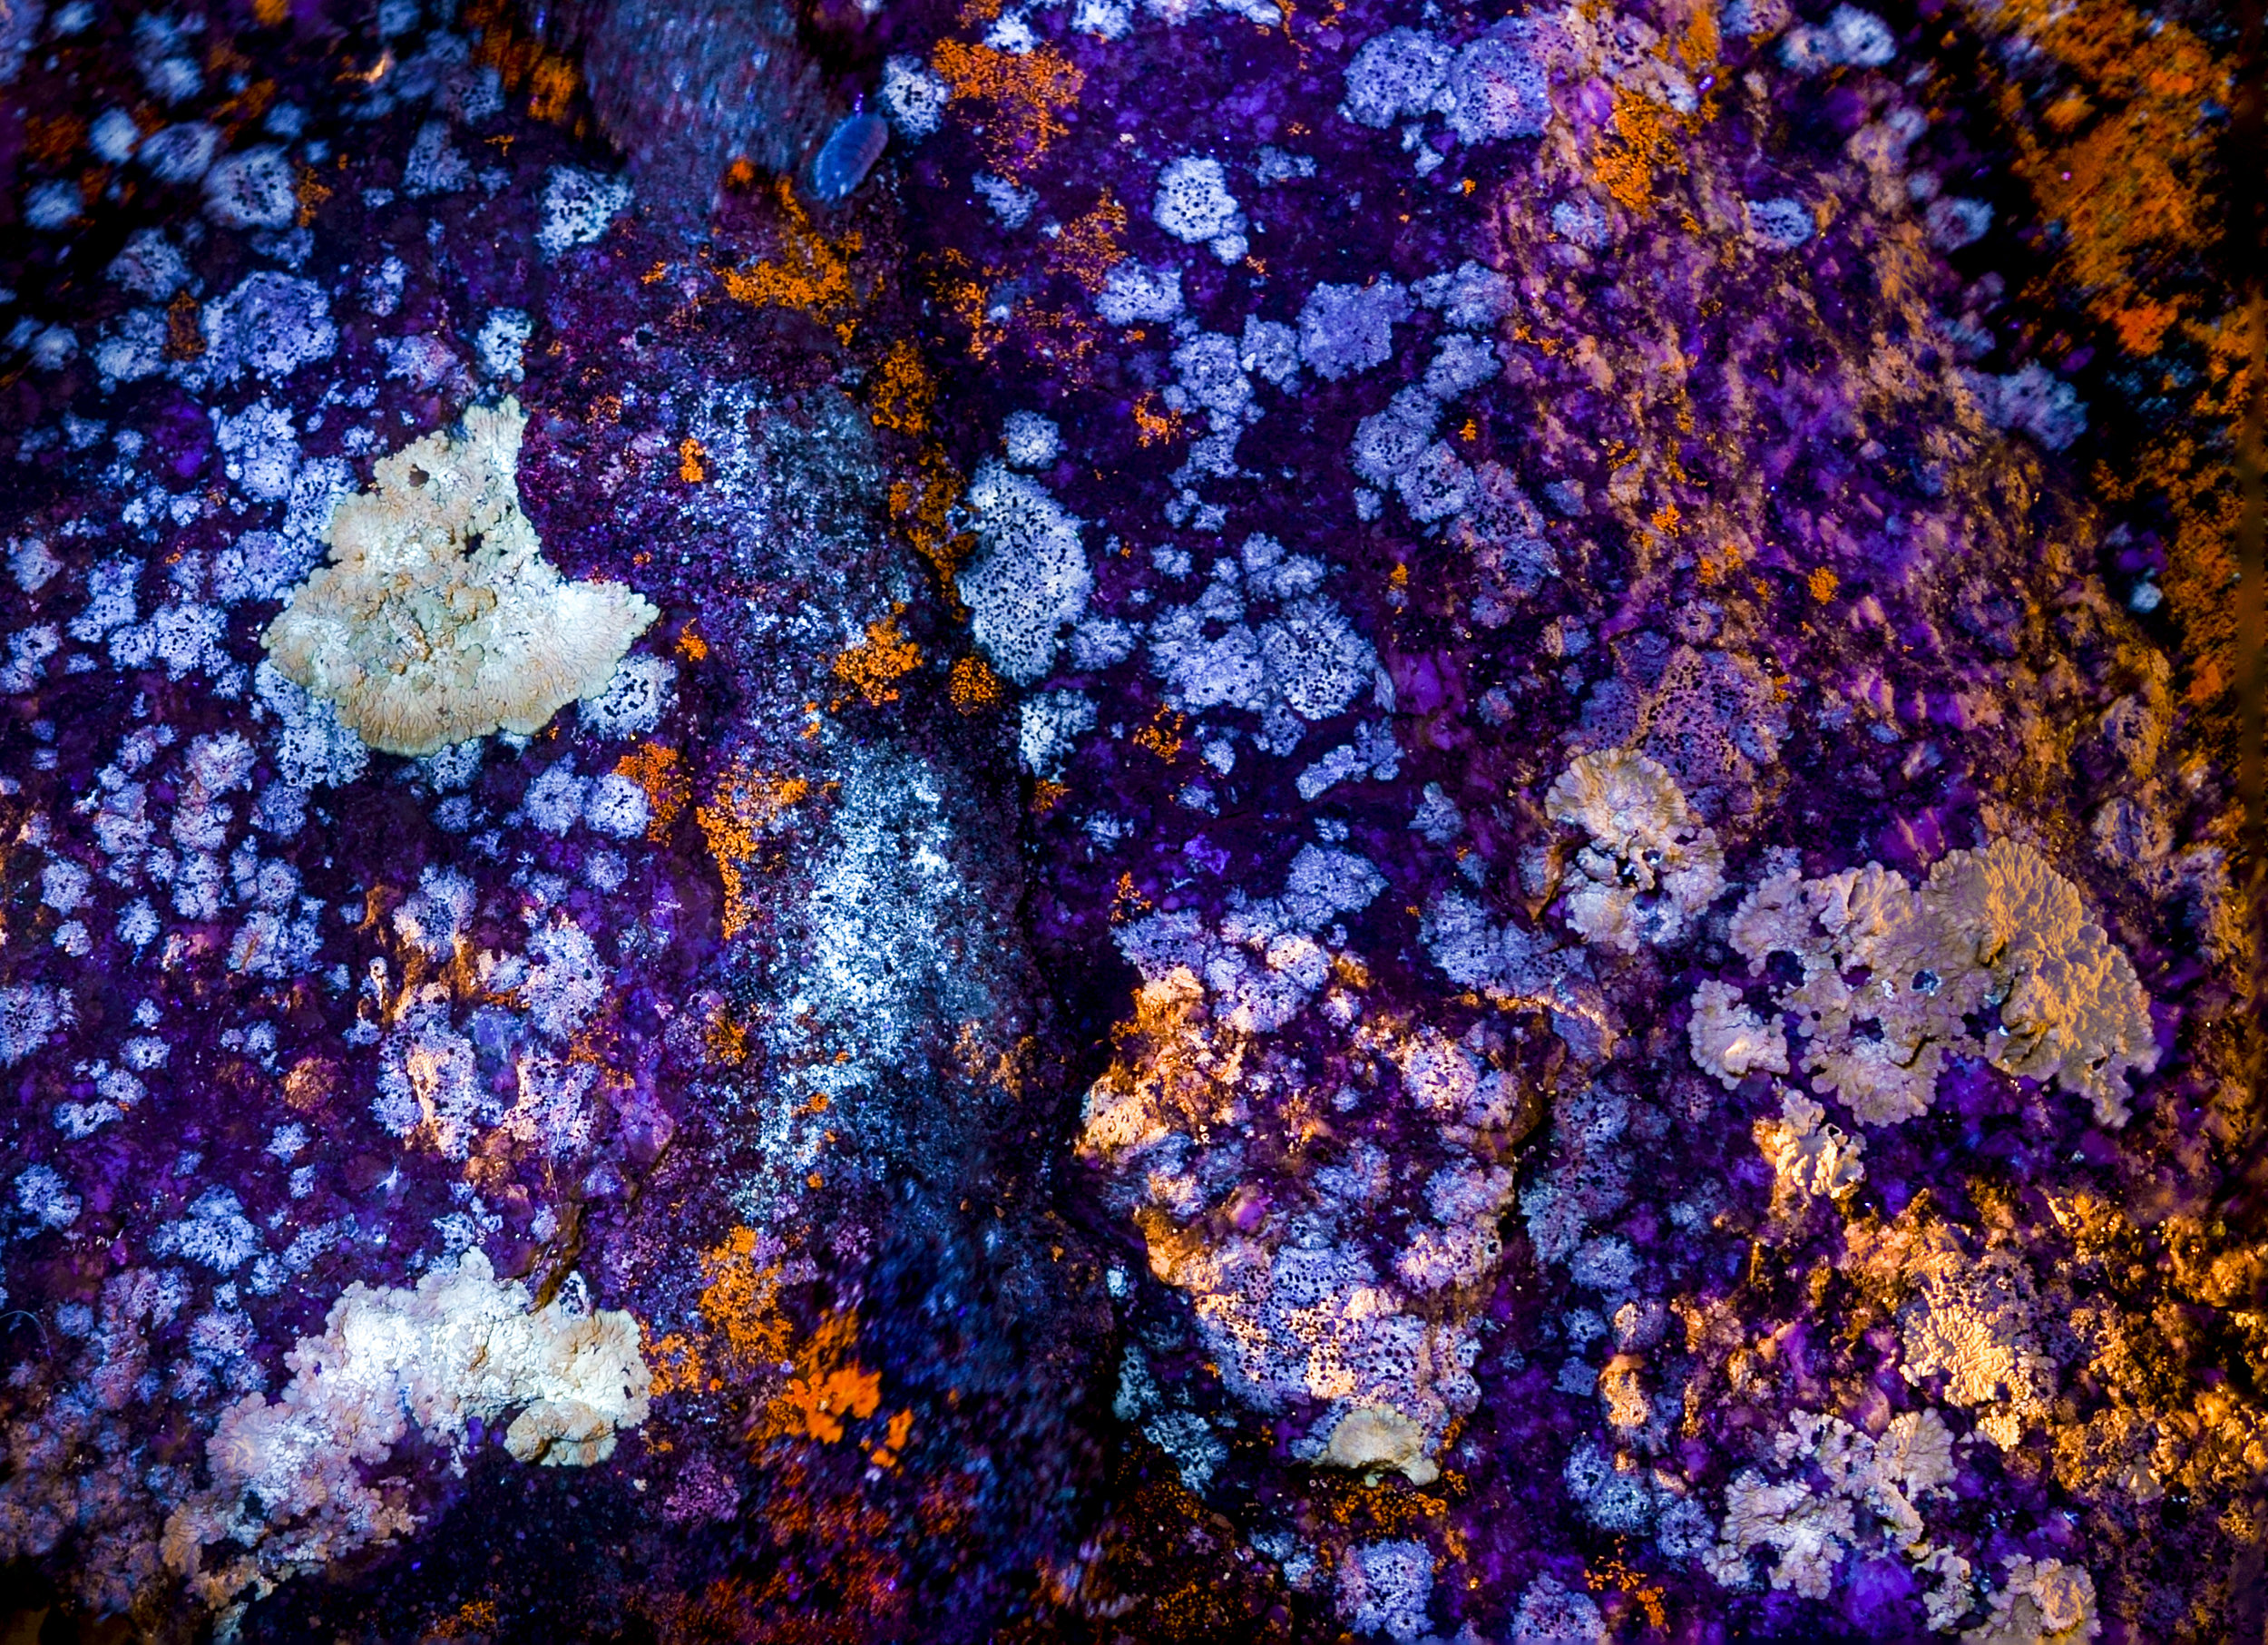 lichenrock.jpg